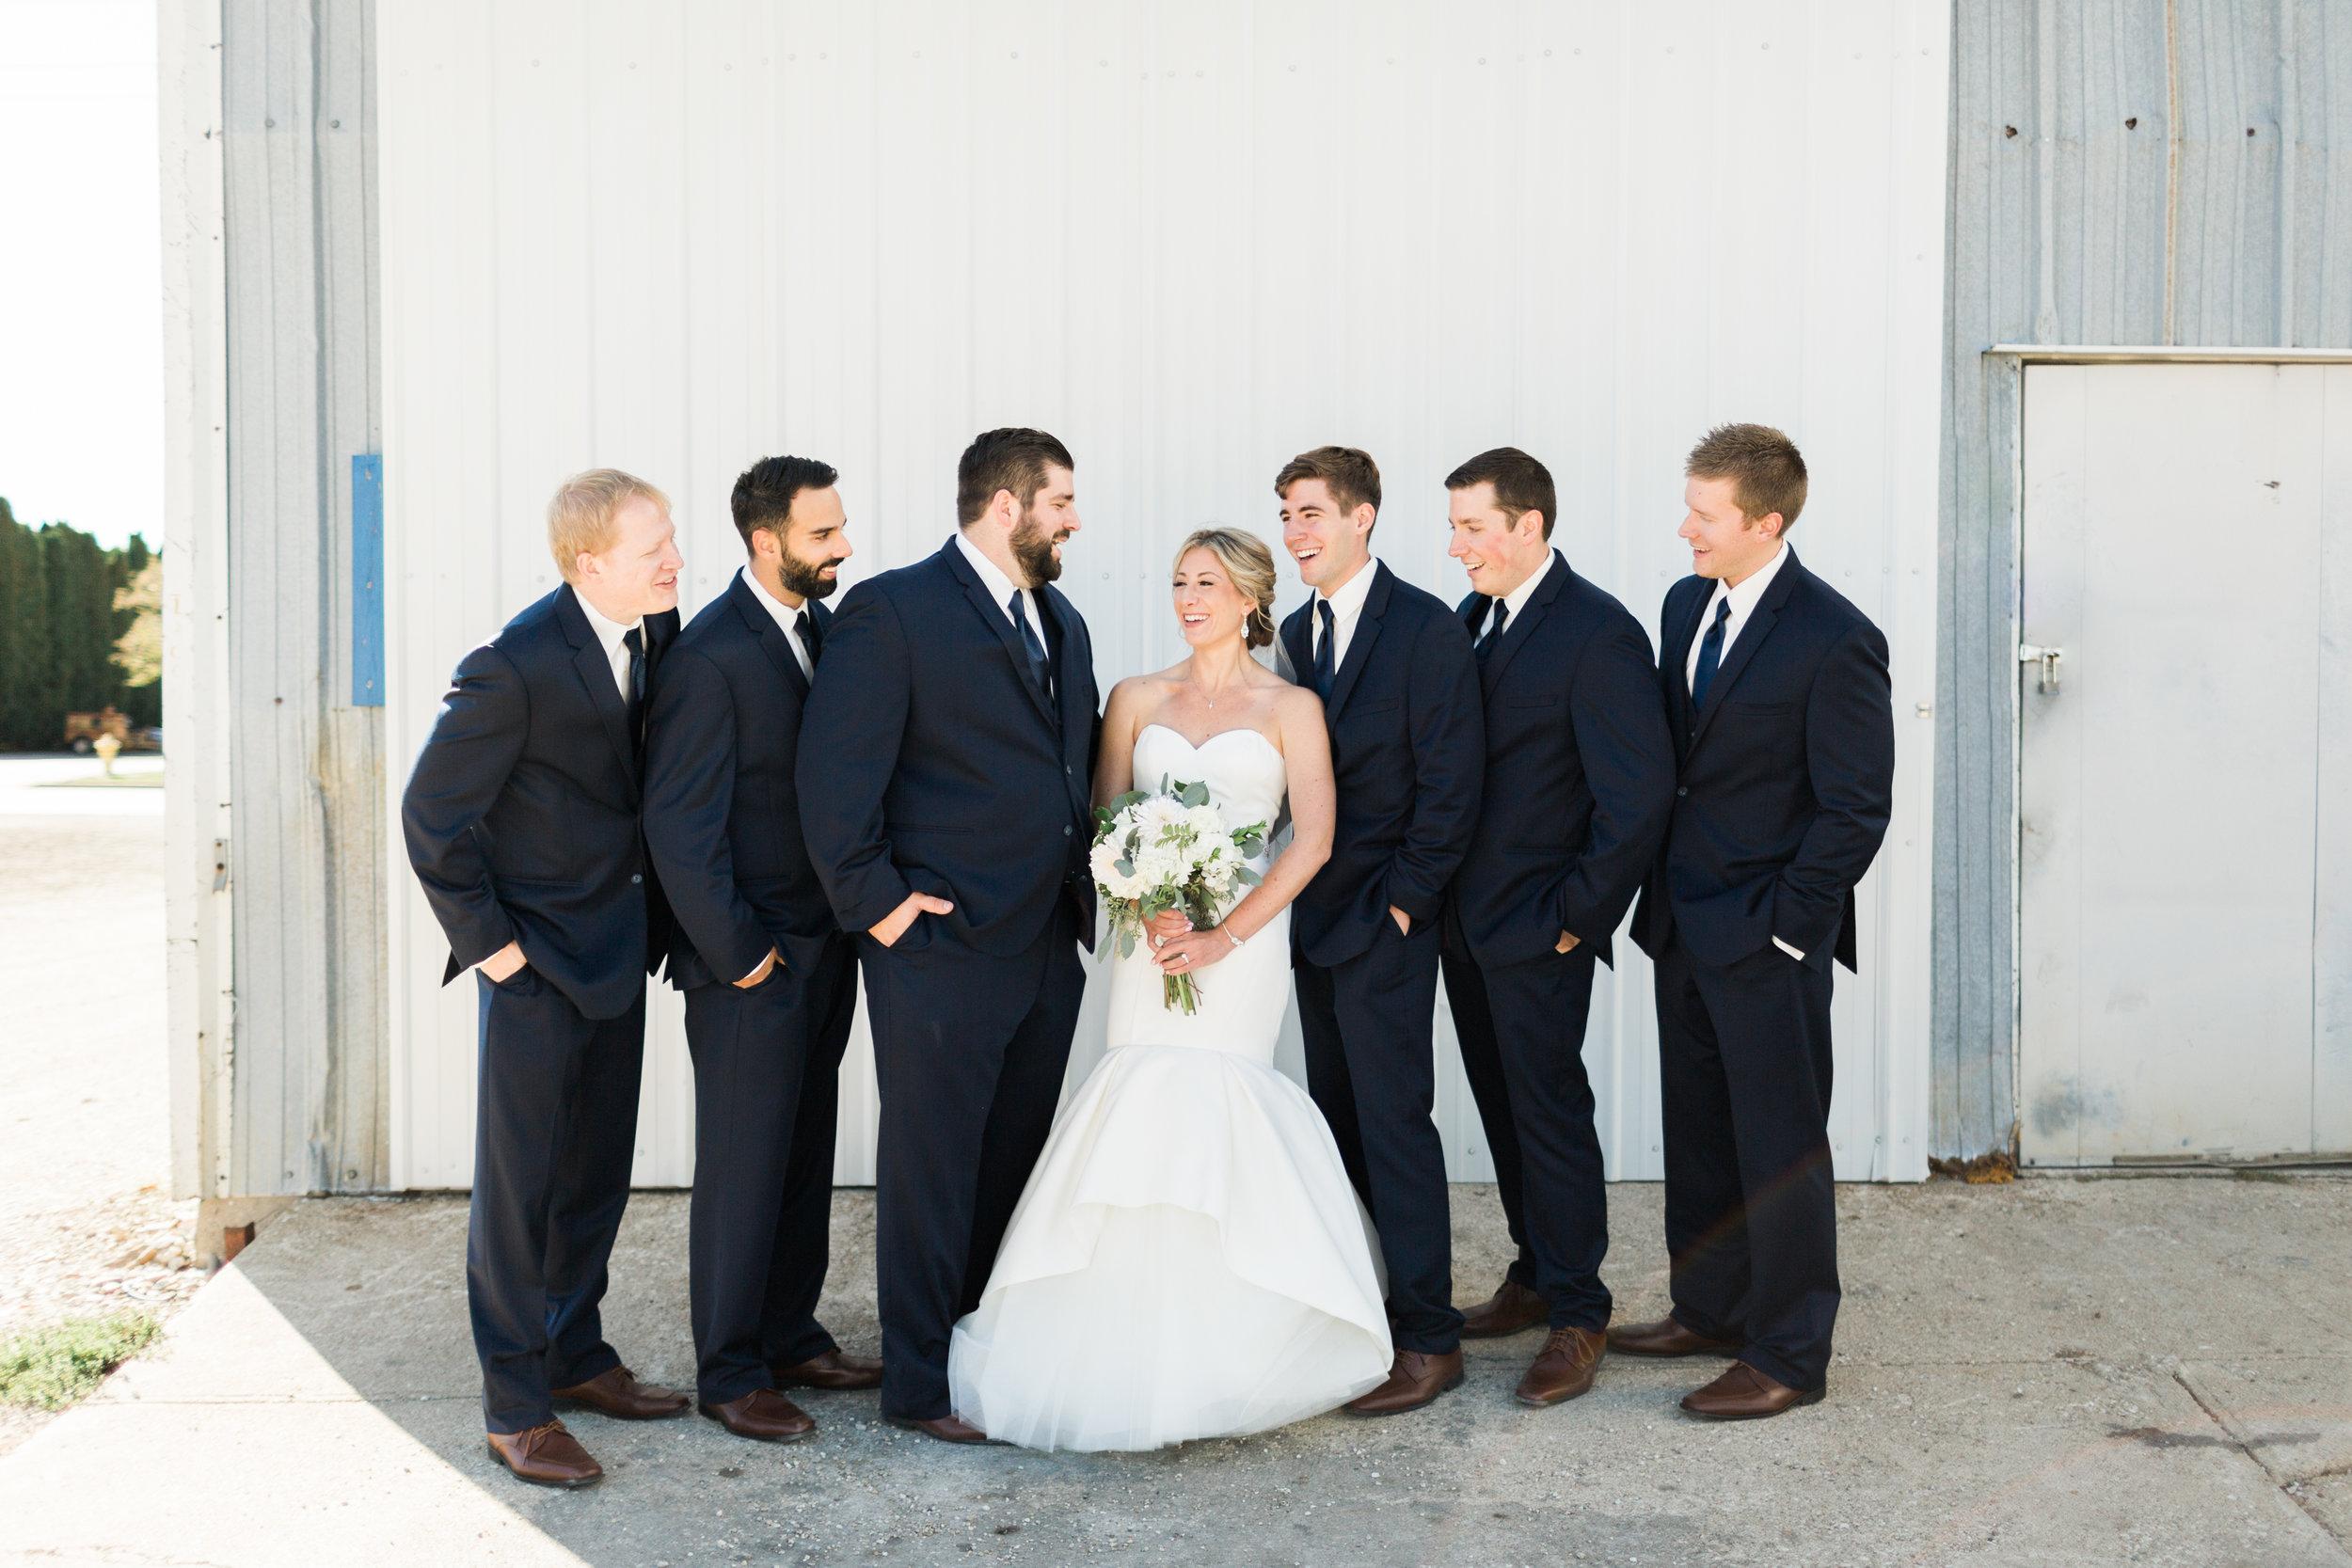 heartfeltcentraliowawedding-57.jpg